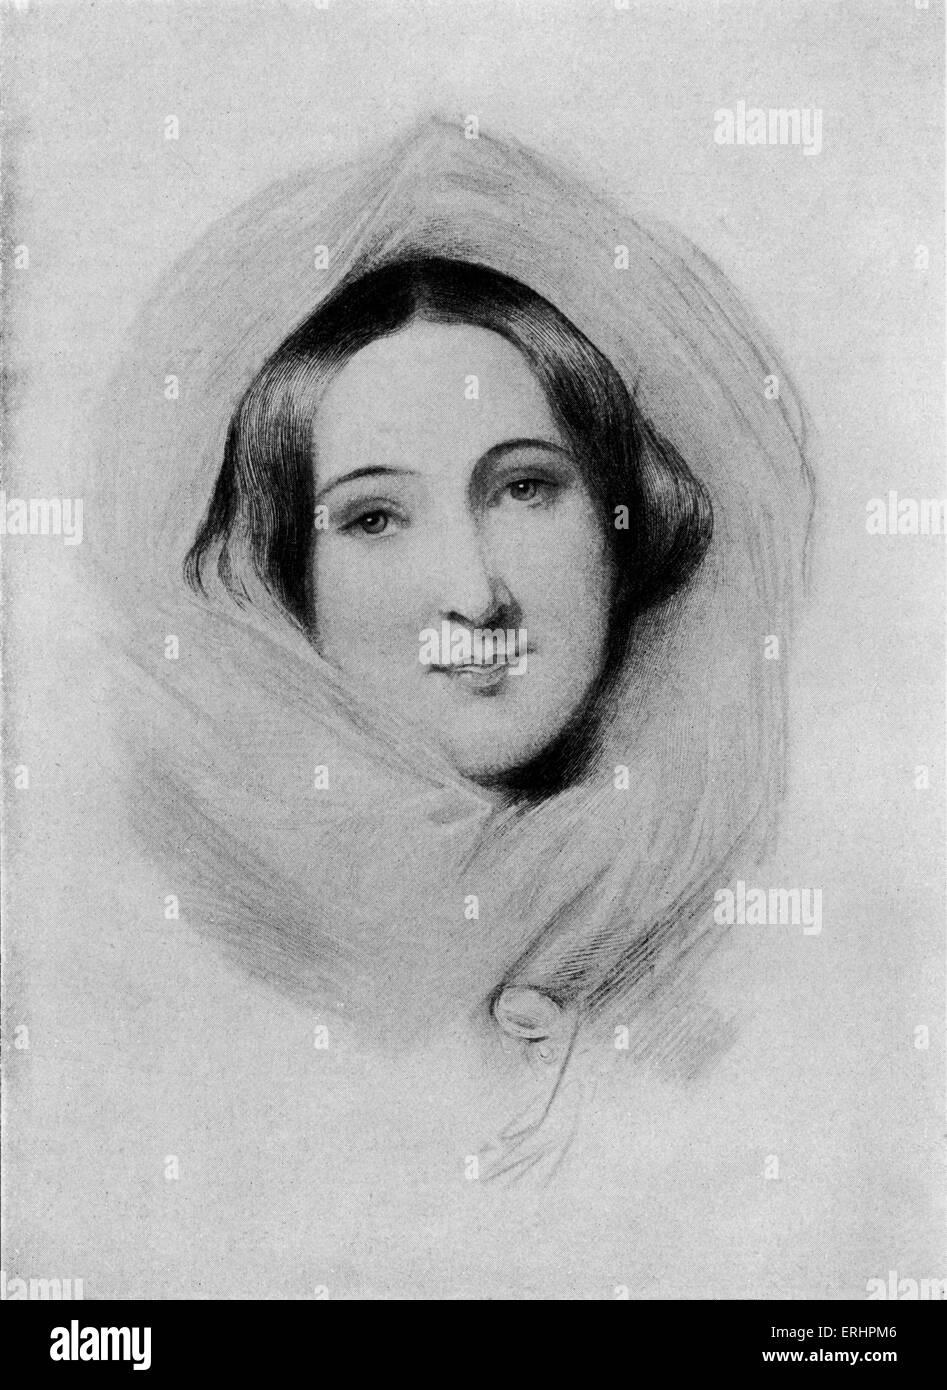 Rosina Doyle Lytton Bulwer Lytton - (Lady). Romancier, essayiste et écrivain lettre: 4 novembre 1802 - 12 mars 1882. Banque D'Images